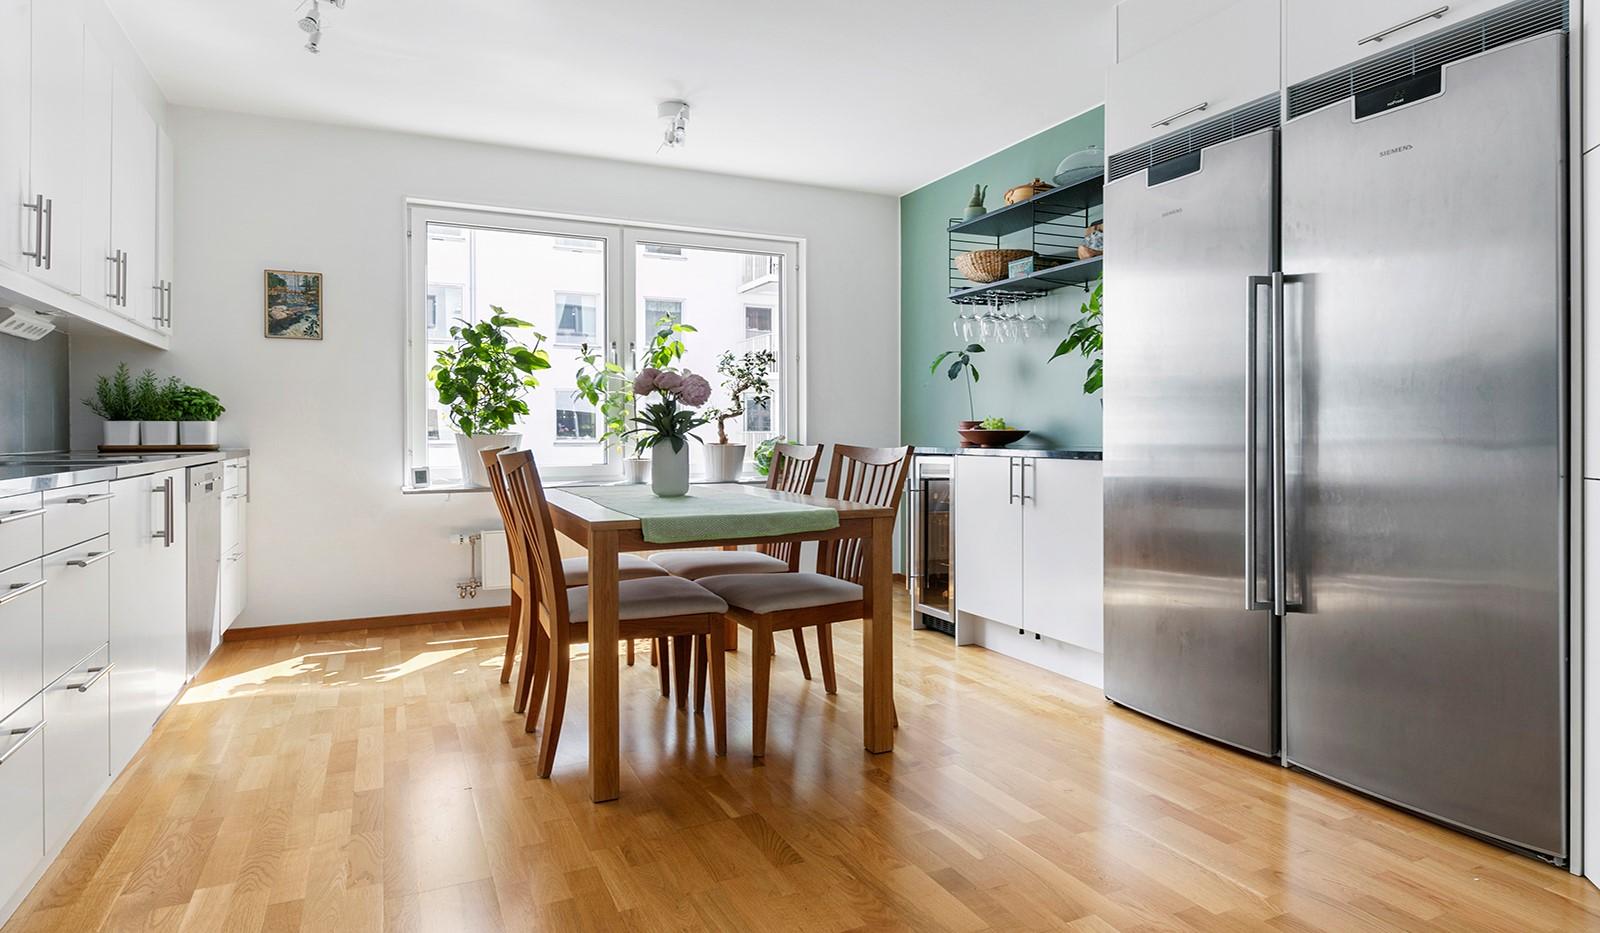 Marieviksgatan 44, 2 tr - Köket är fullt utrustat med vitvaror i rostfritt